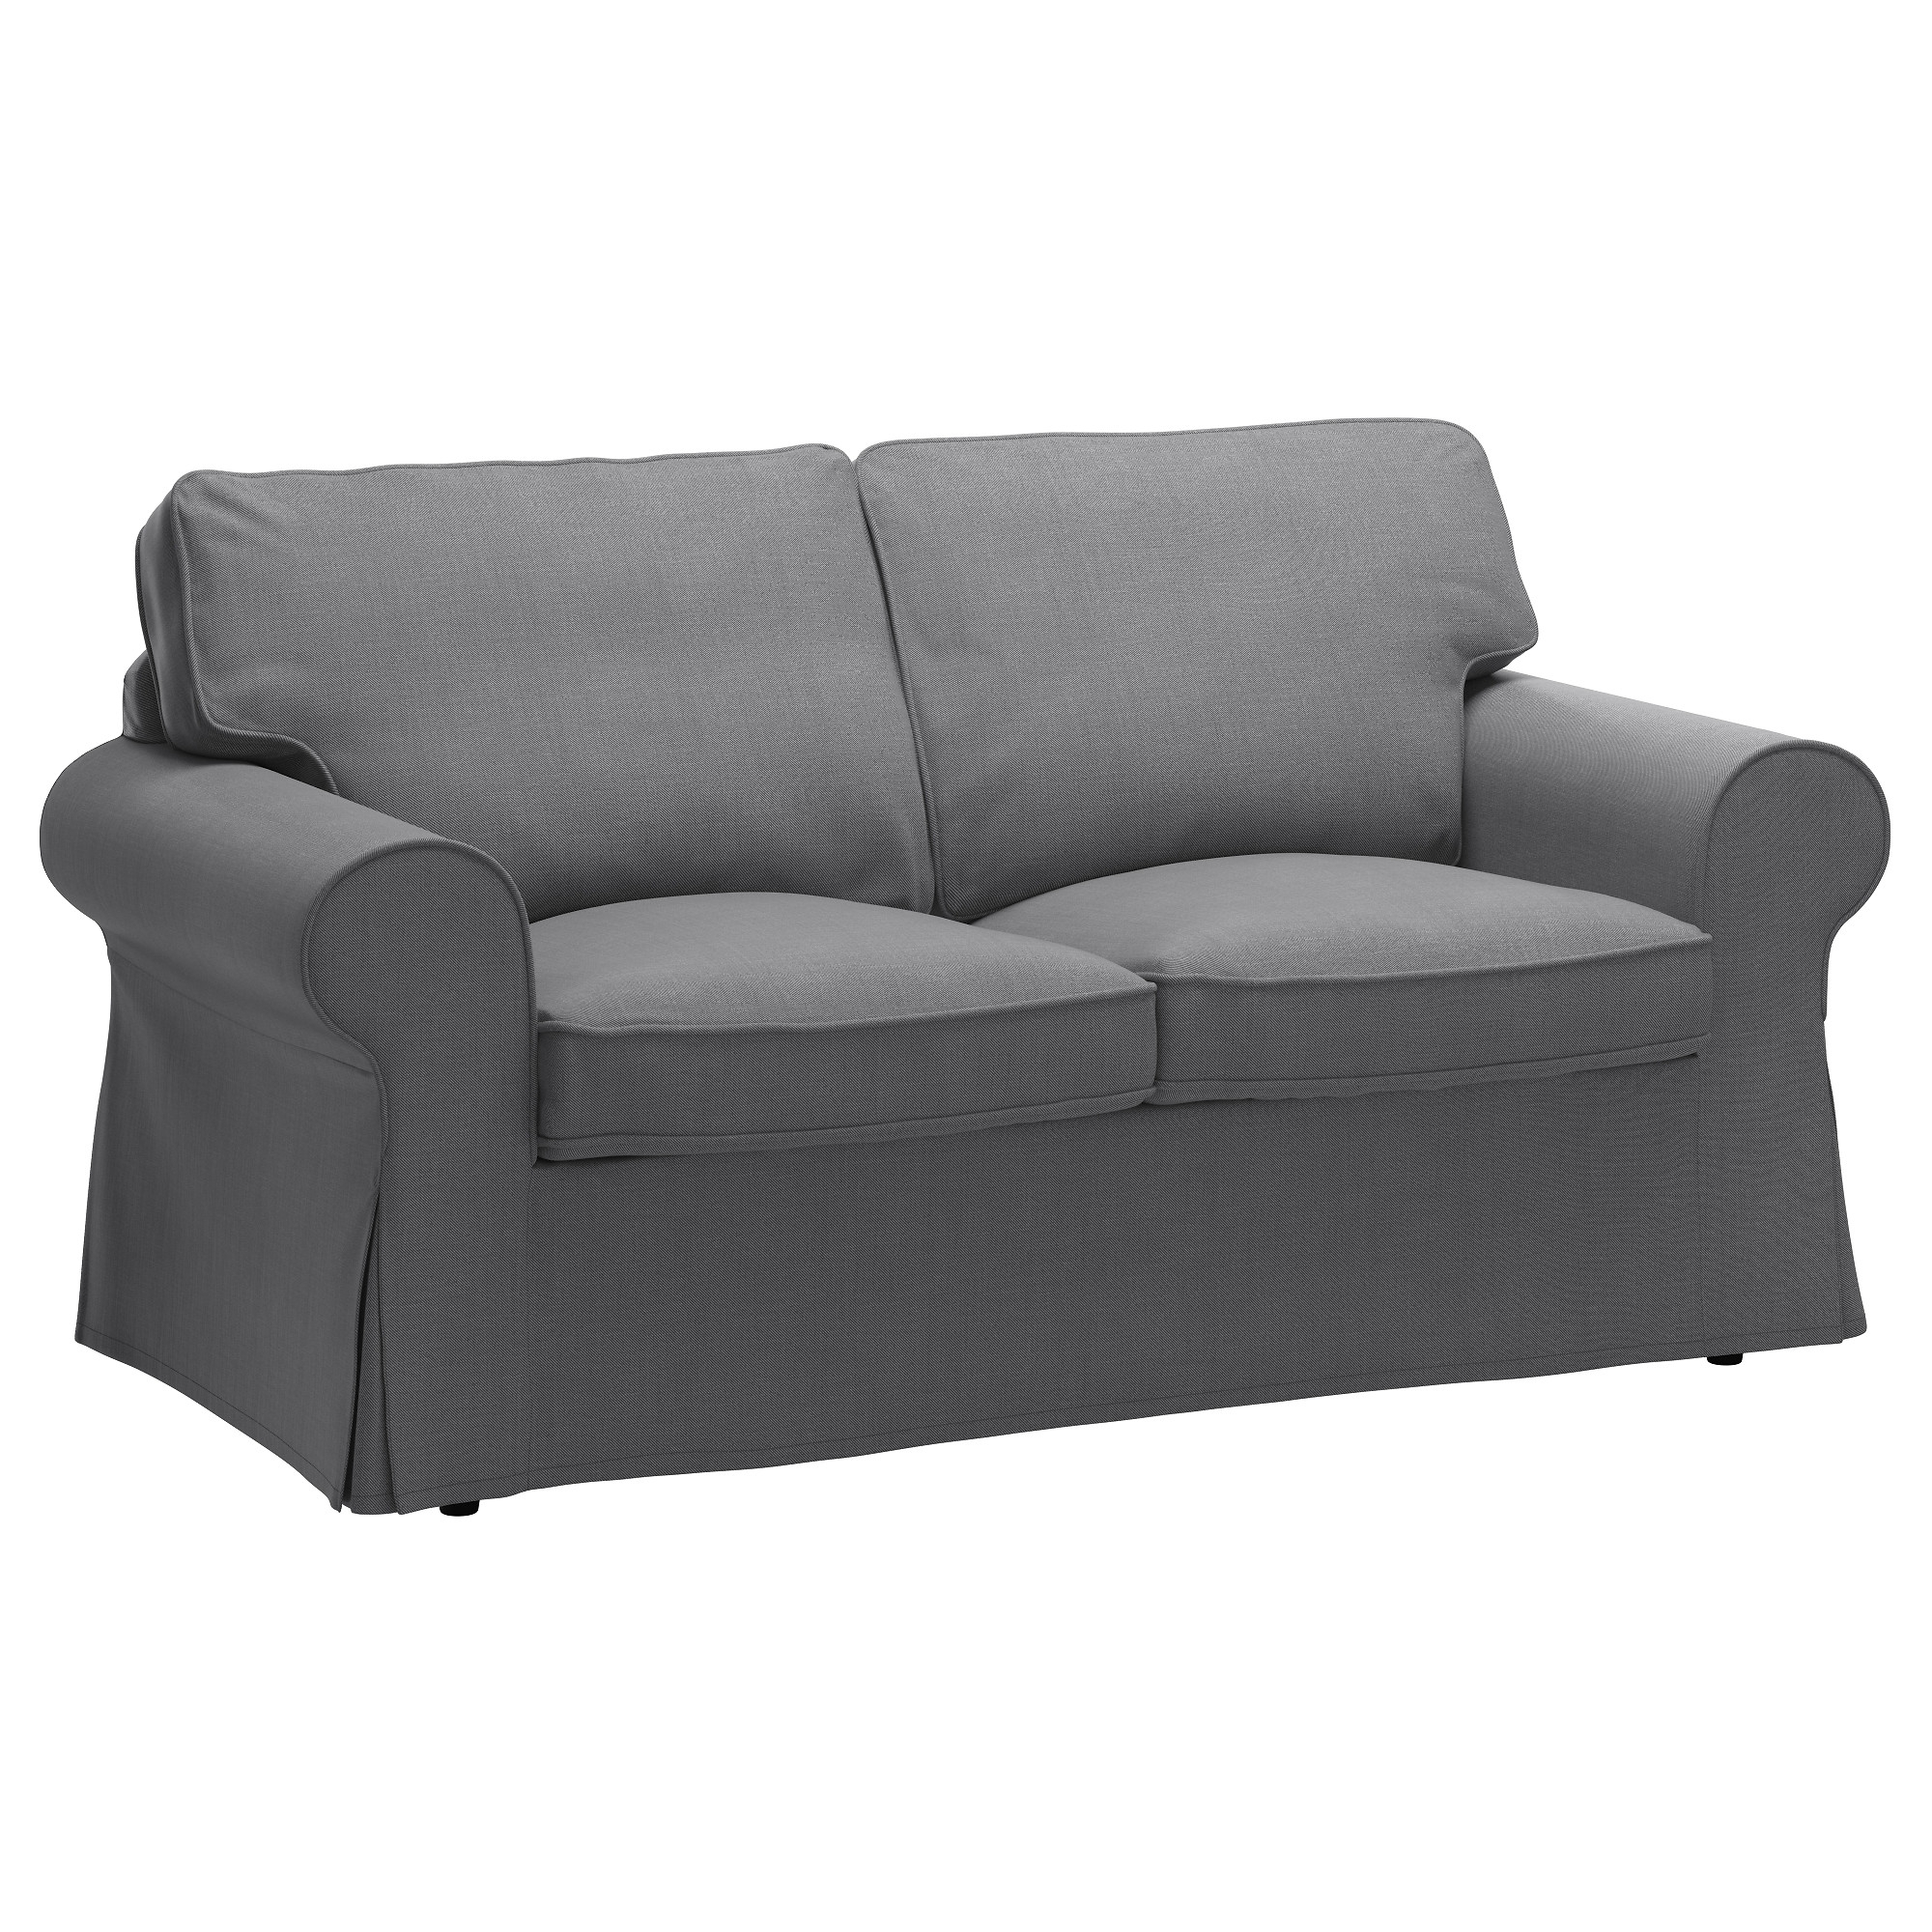 Ikea Two Seater Sofas With Trendy Ektorp Two Seat Sofa Nordvalla Dark Grey – Ikea (View 7 of 20)